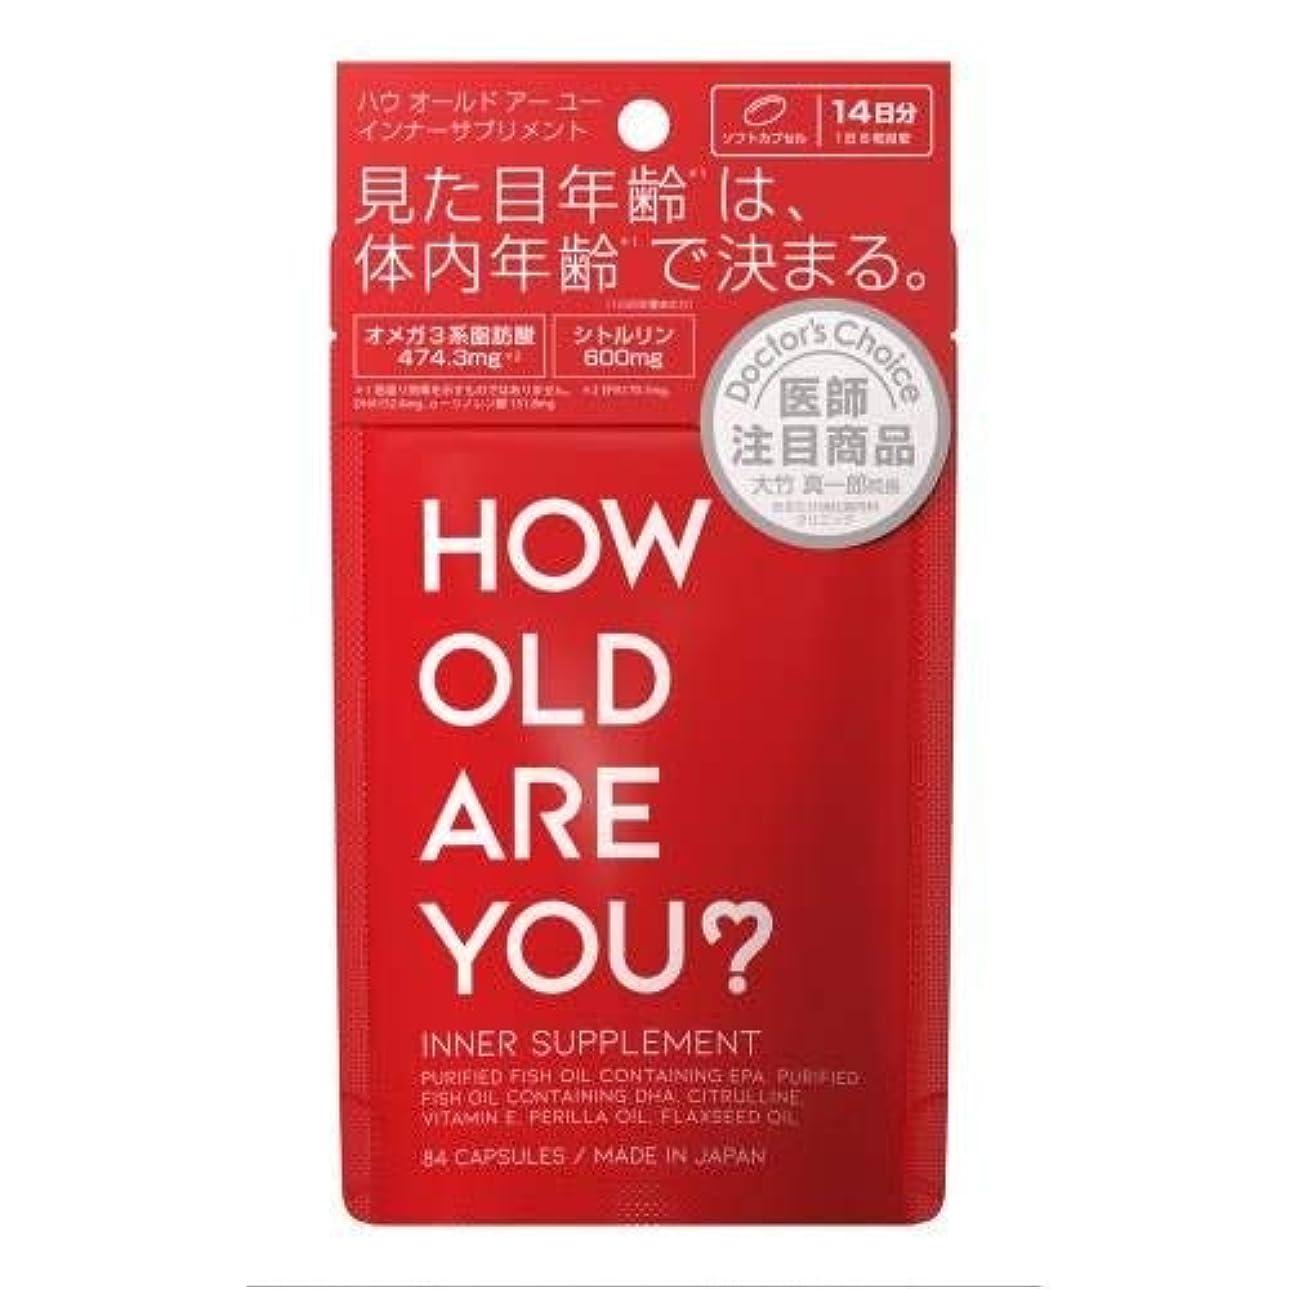 見つける匹敵します窒素HOW OLD ARE YOU?(ハウオールドアーユー) インナーサプリメント 84粒